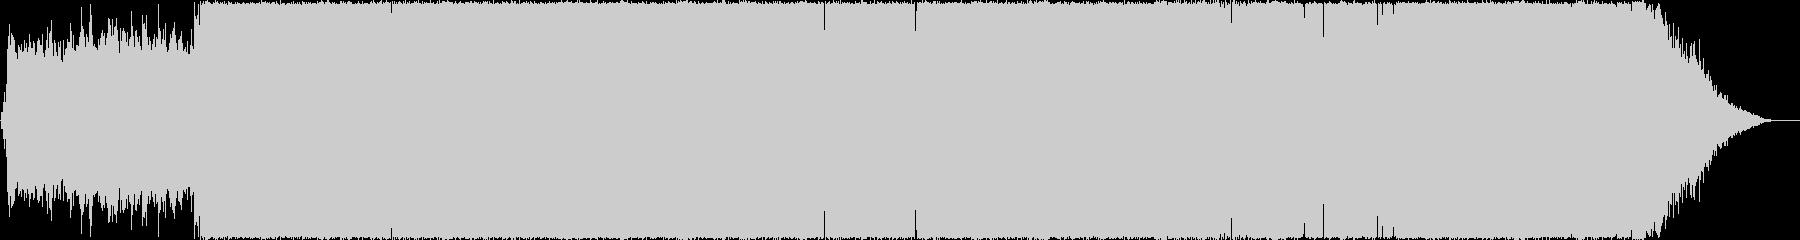 和の要素を散りばめたハウス調ラップ曲の未再生の波形